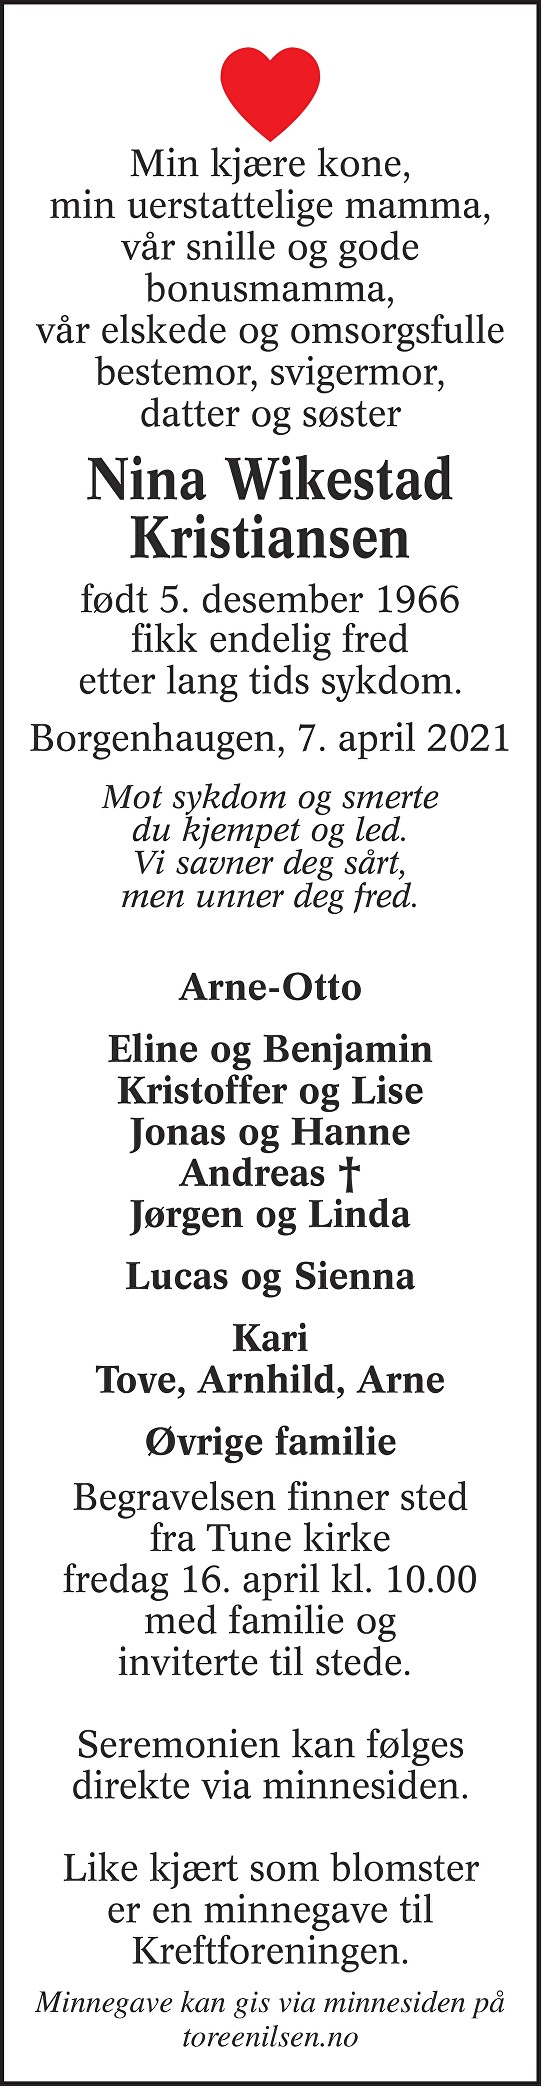 Nina Wikestad Kristiansen Dødsannonse